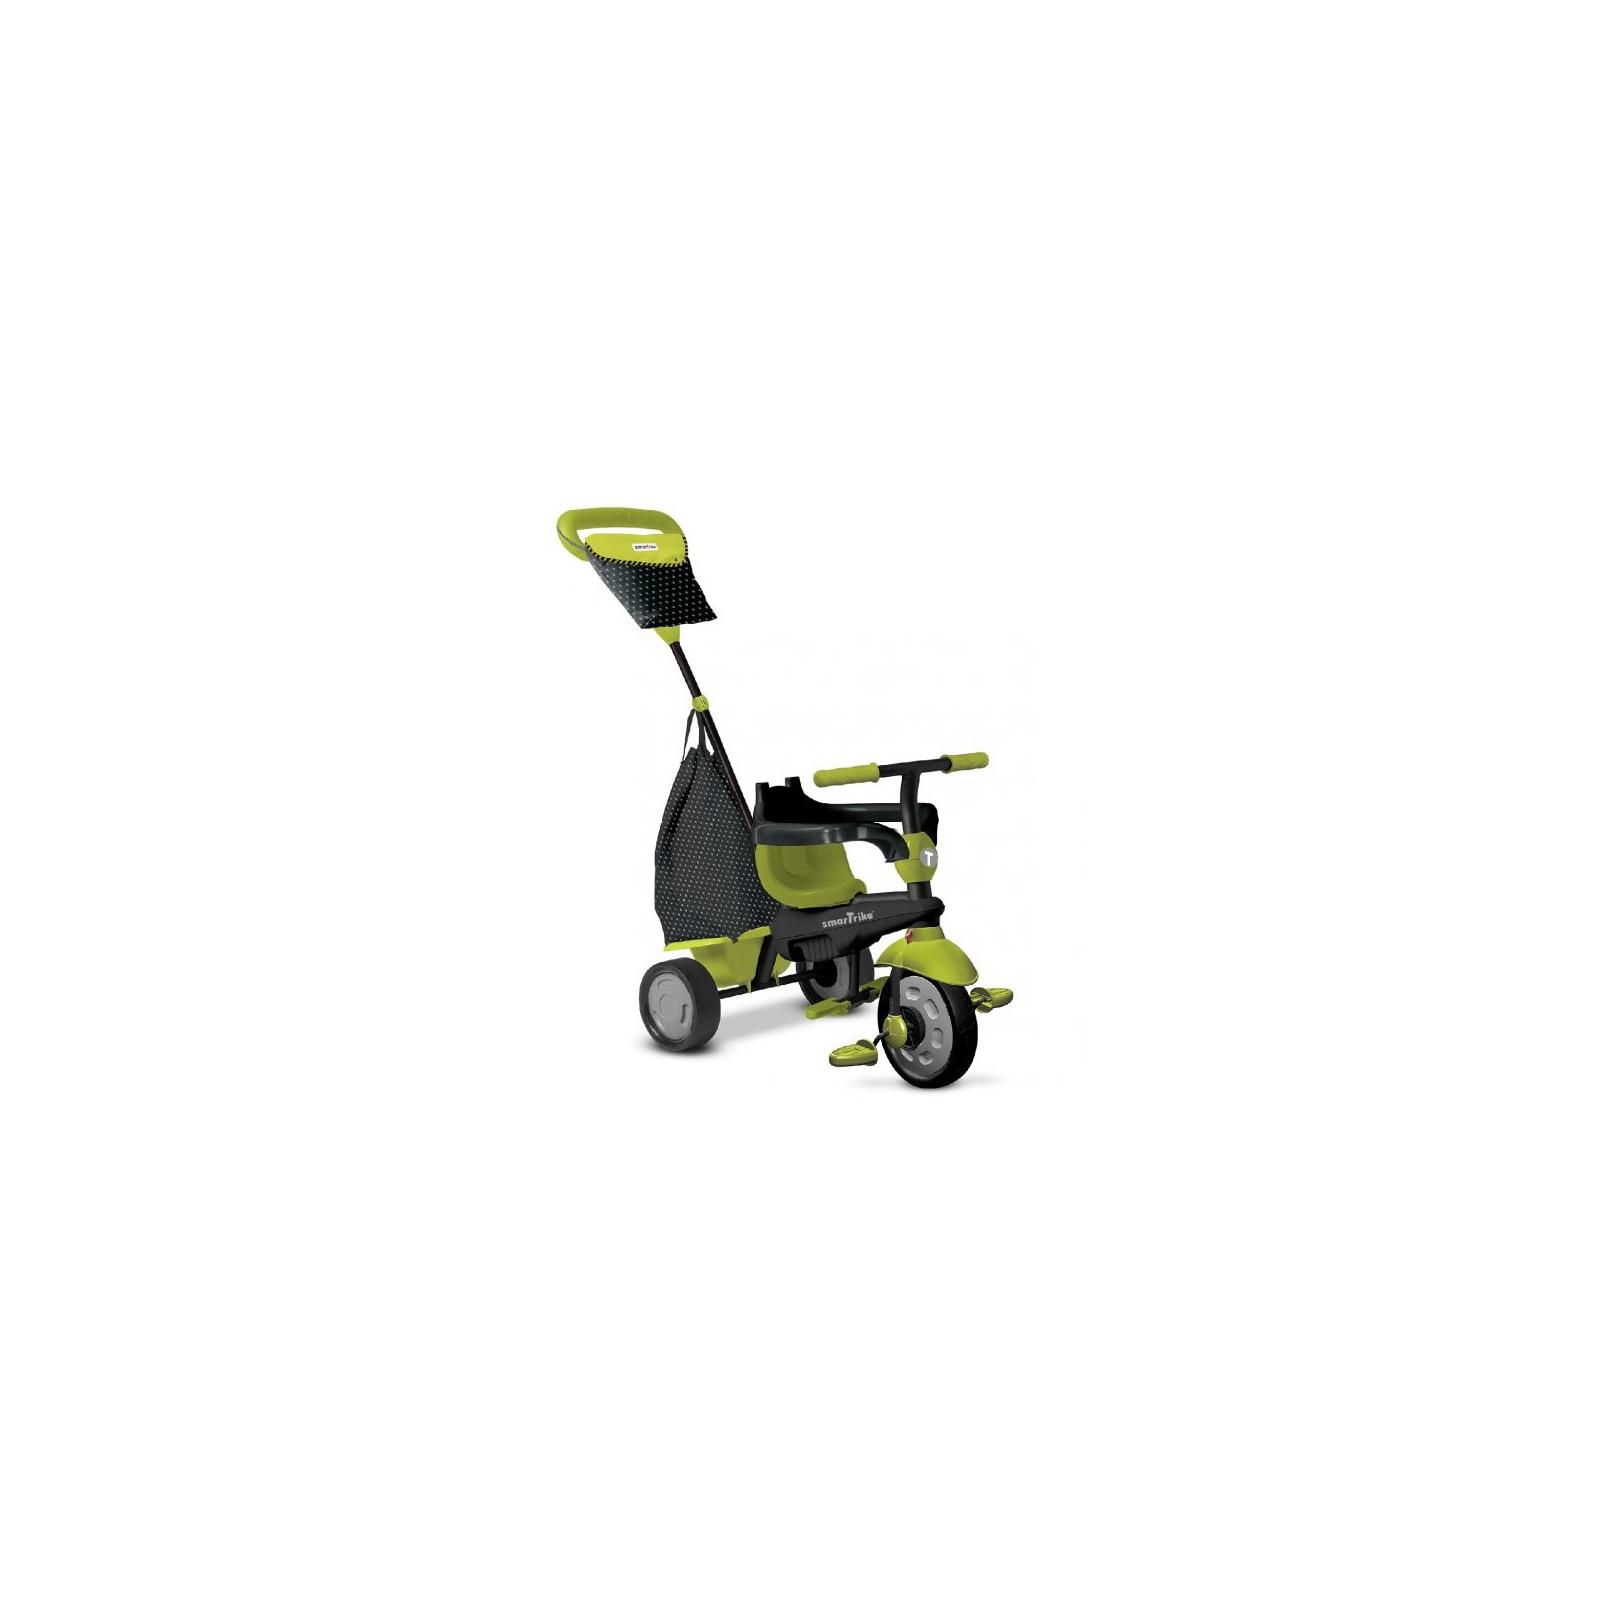 Детский велосипед Smart Trike Glow 4 в 1 Red (6401500) изображение 2